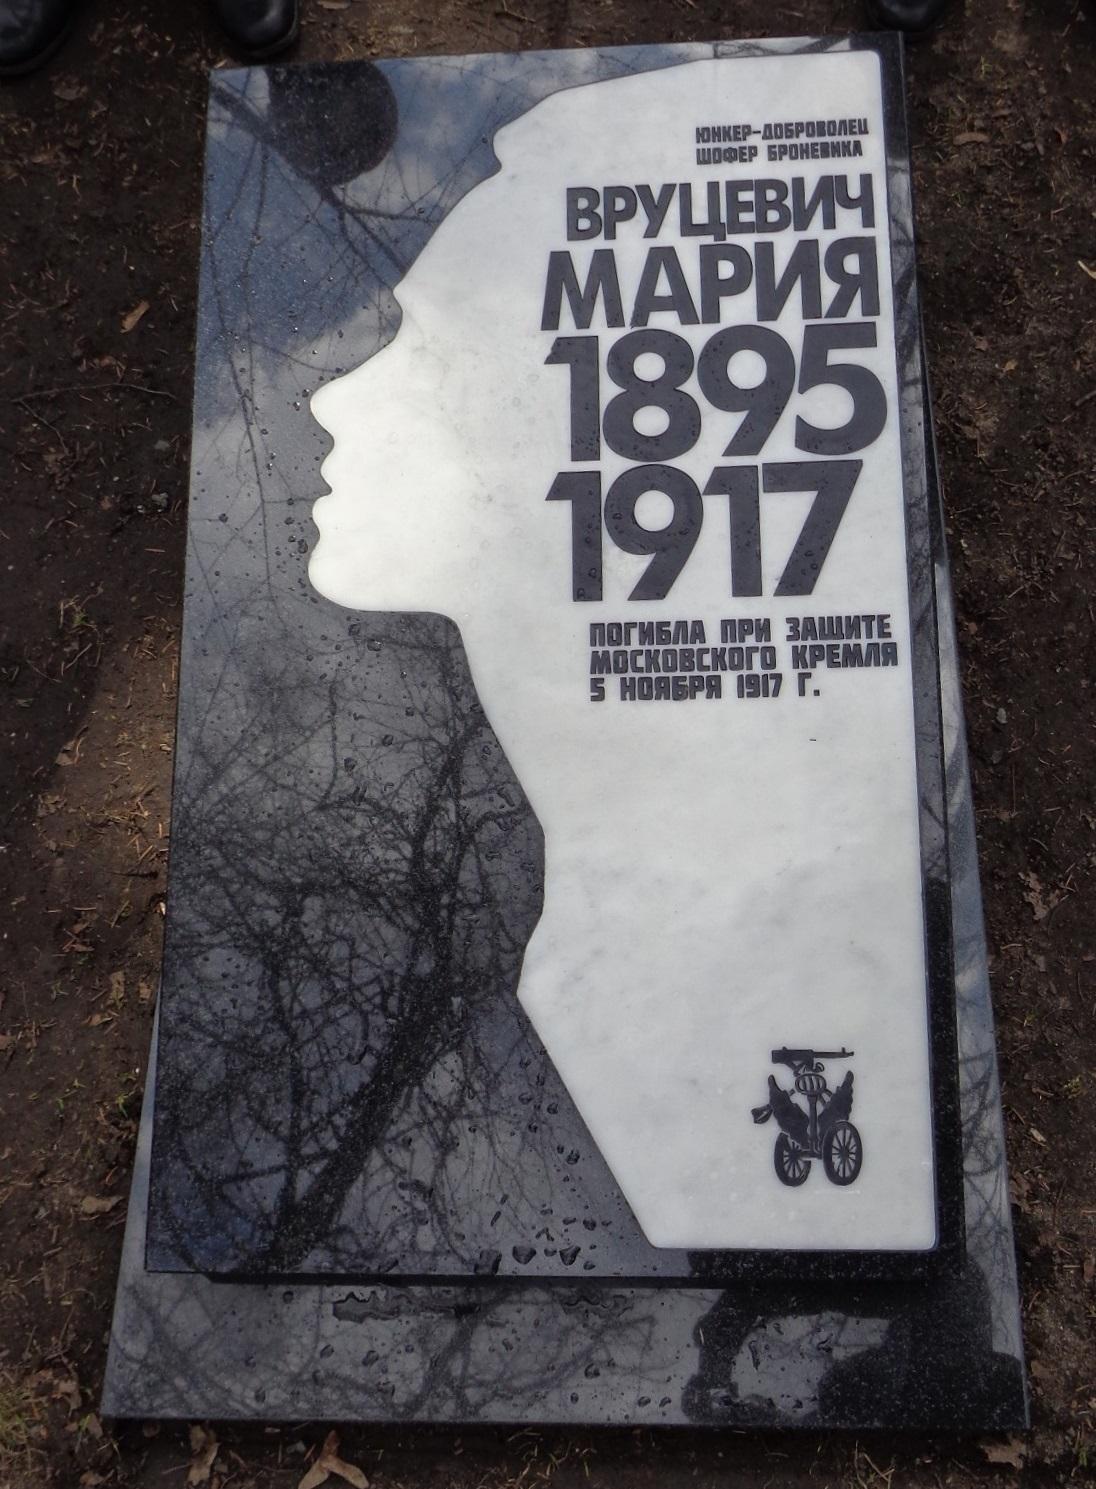 На Братском кладбище у памятника Шлихтеру С.А. провели обряд церковного освящения надгробия юнкеру Марии Вруцевич, взамен утраченного в 1930-е годы. 0_17bd81_a16d232d_orig